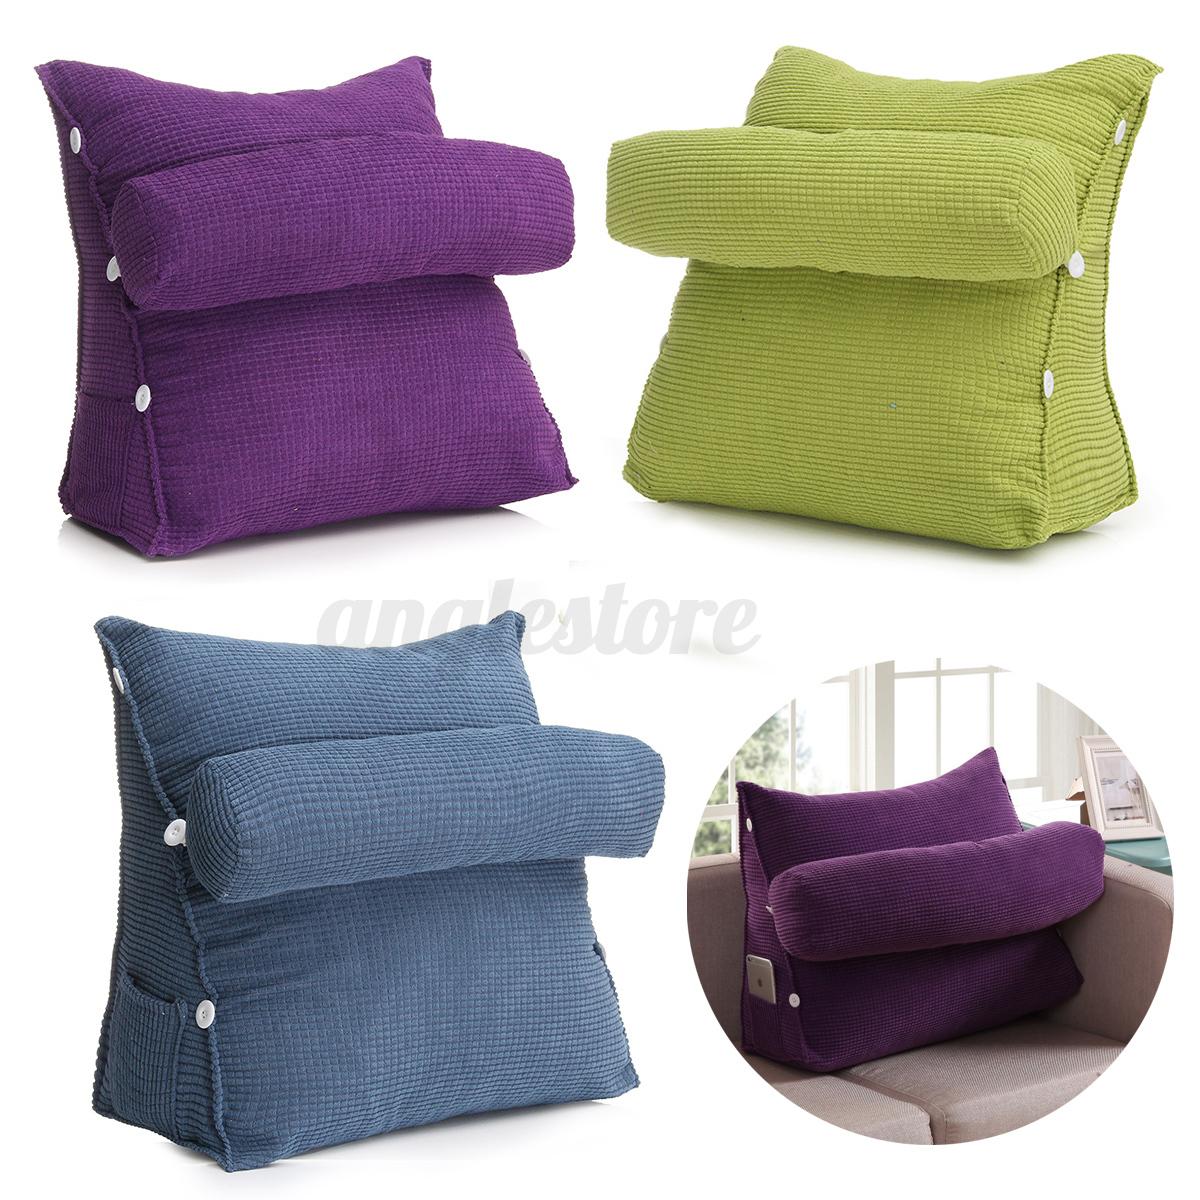 MedCline Acid Reflux/GERD Pillow System - Money Back ...